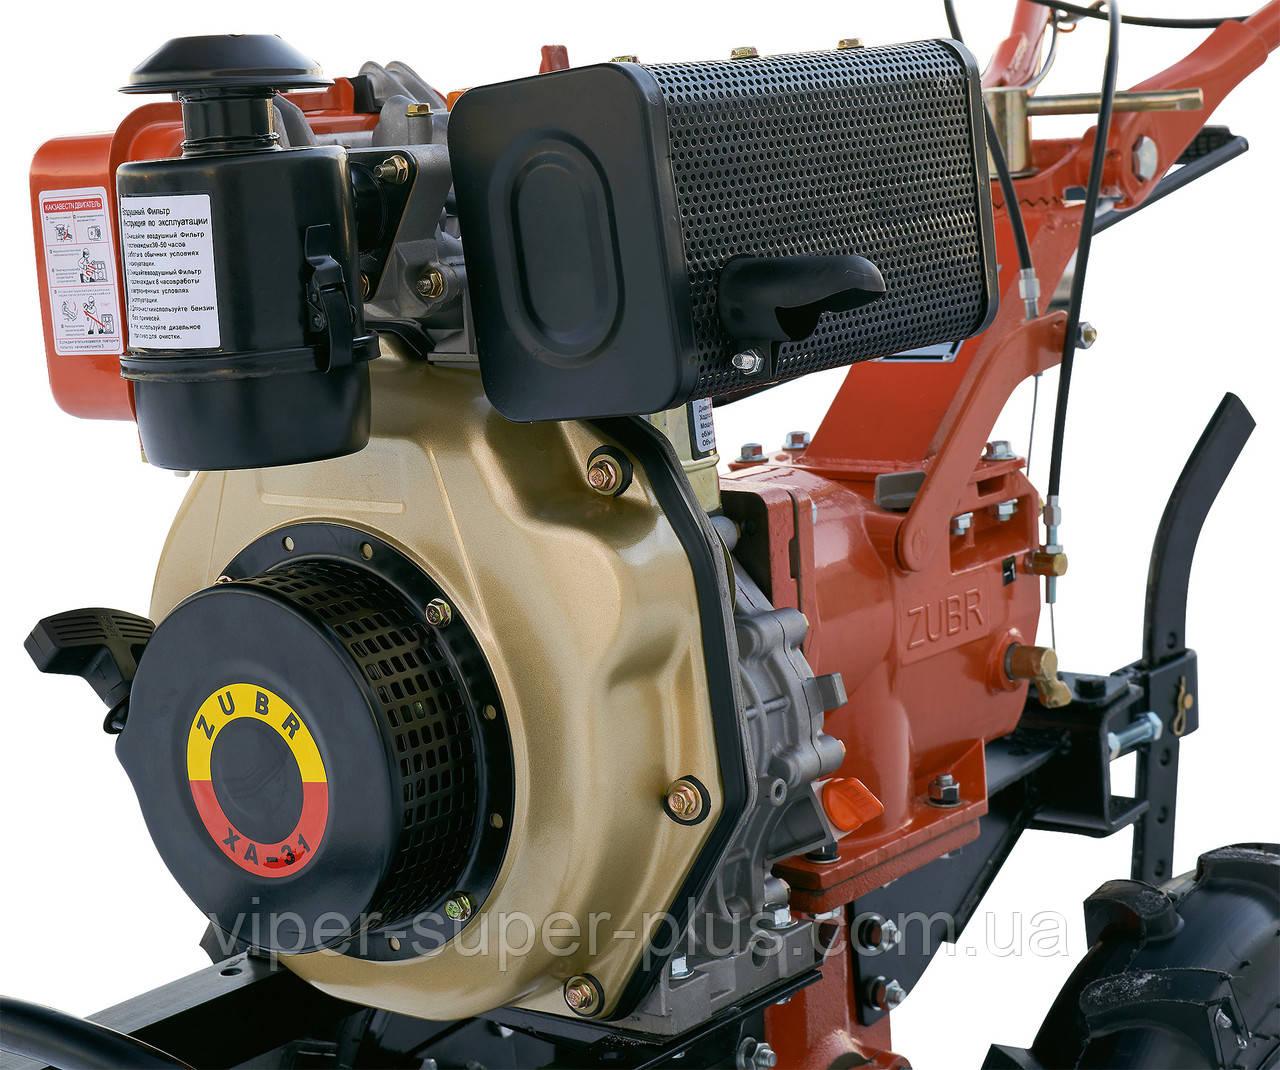 Двигатель ЗУБР (ZUBR) м/б 178F 6 л.с дизель воздушное охлаждение 4,41 кВт 3600 об/мин, 296 см3 ручной стартер